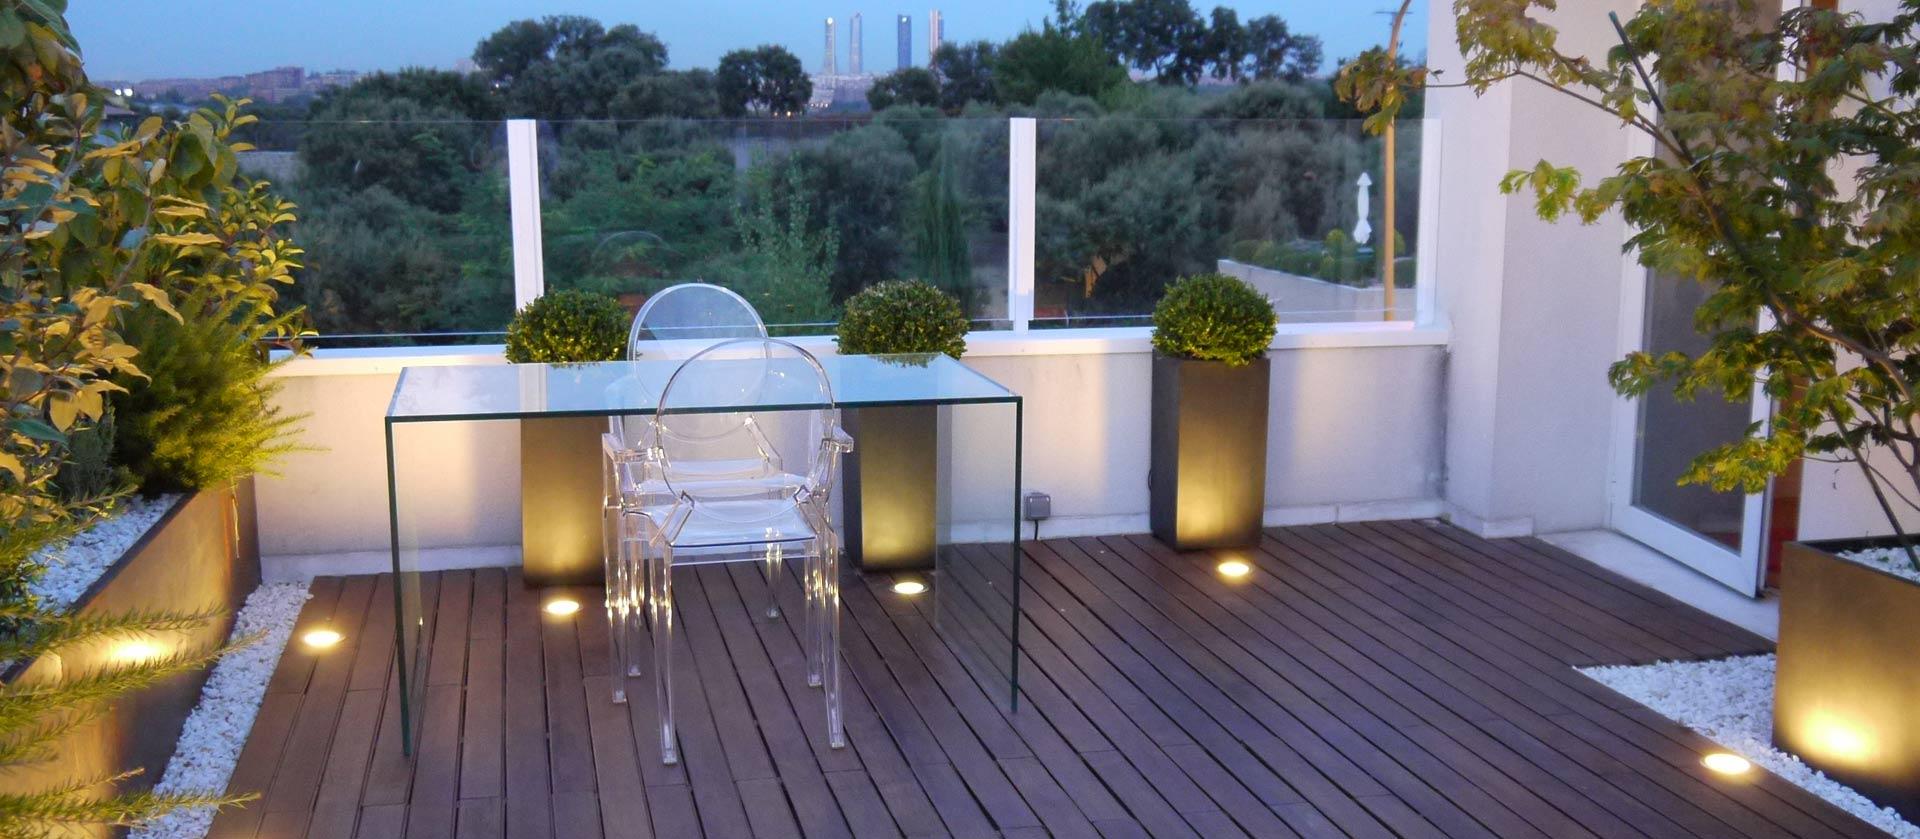 Paisajismo Pia, el mejor diseño de áticos y terrazas - Decorar.org